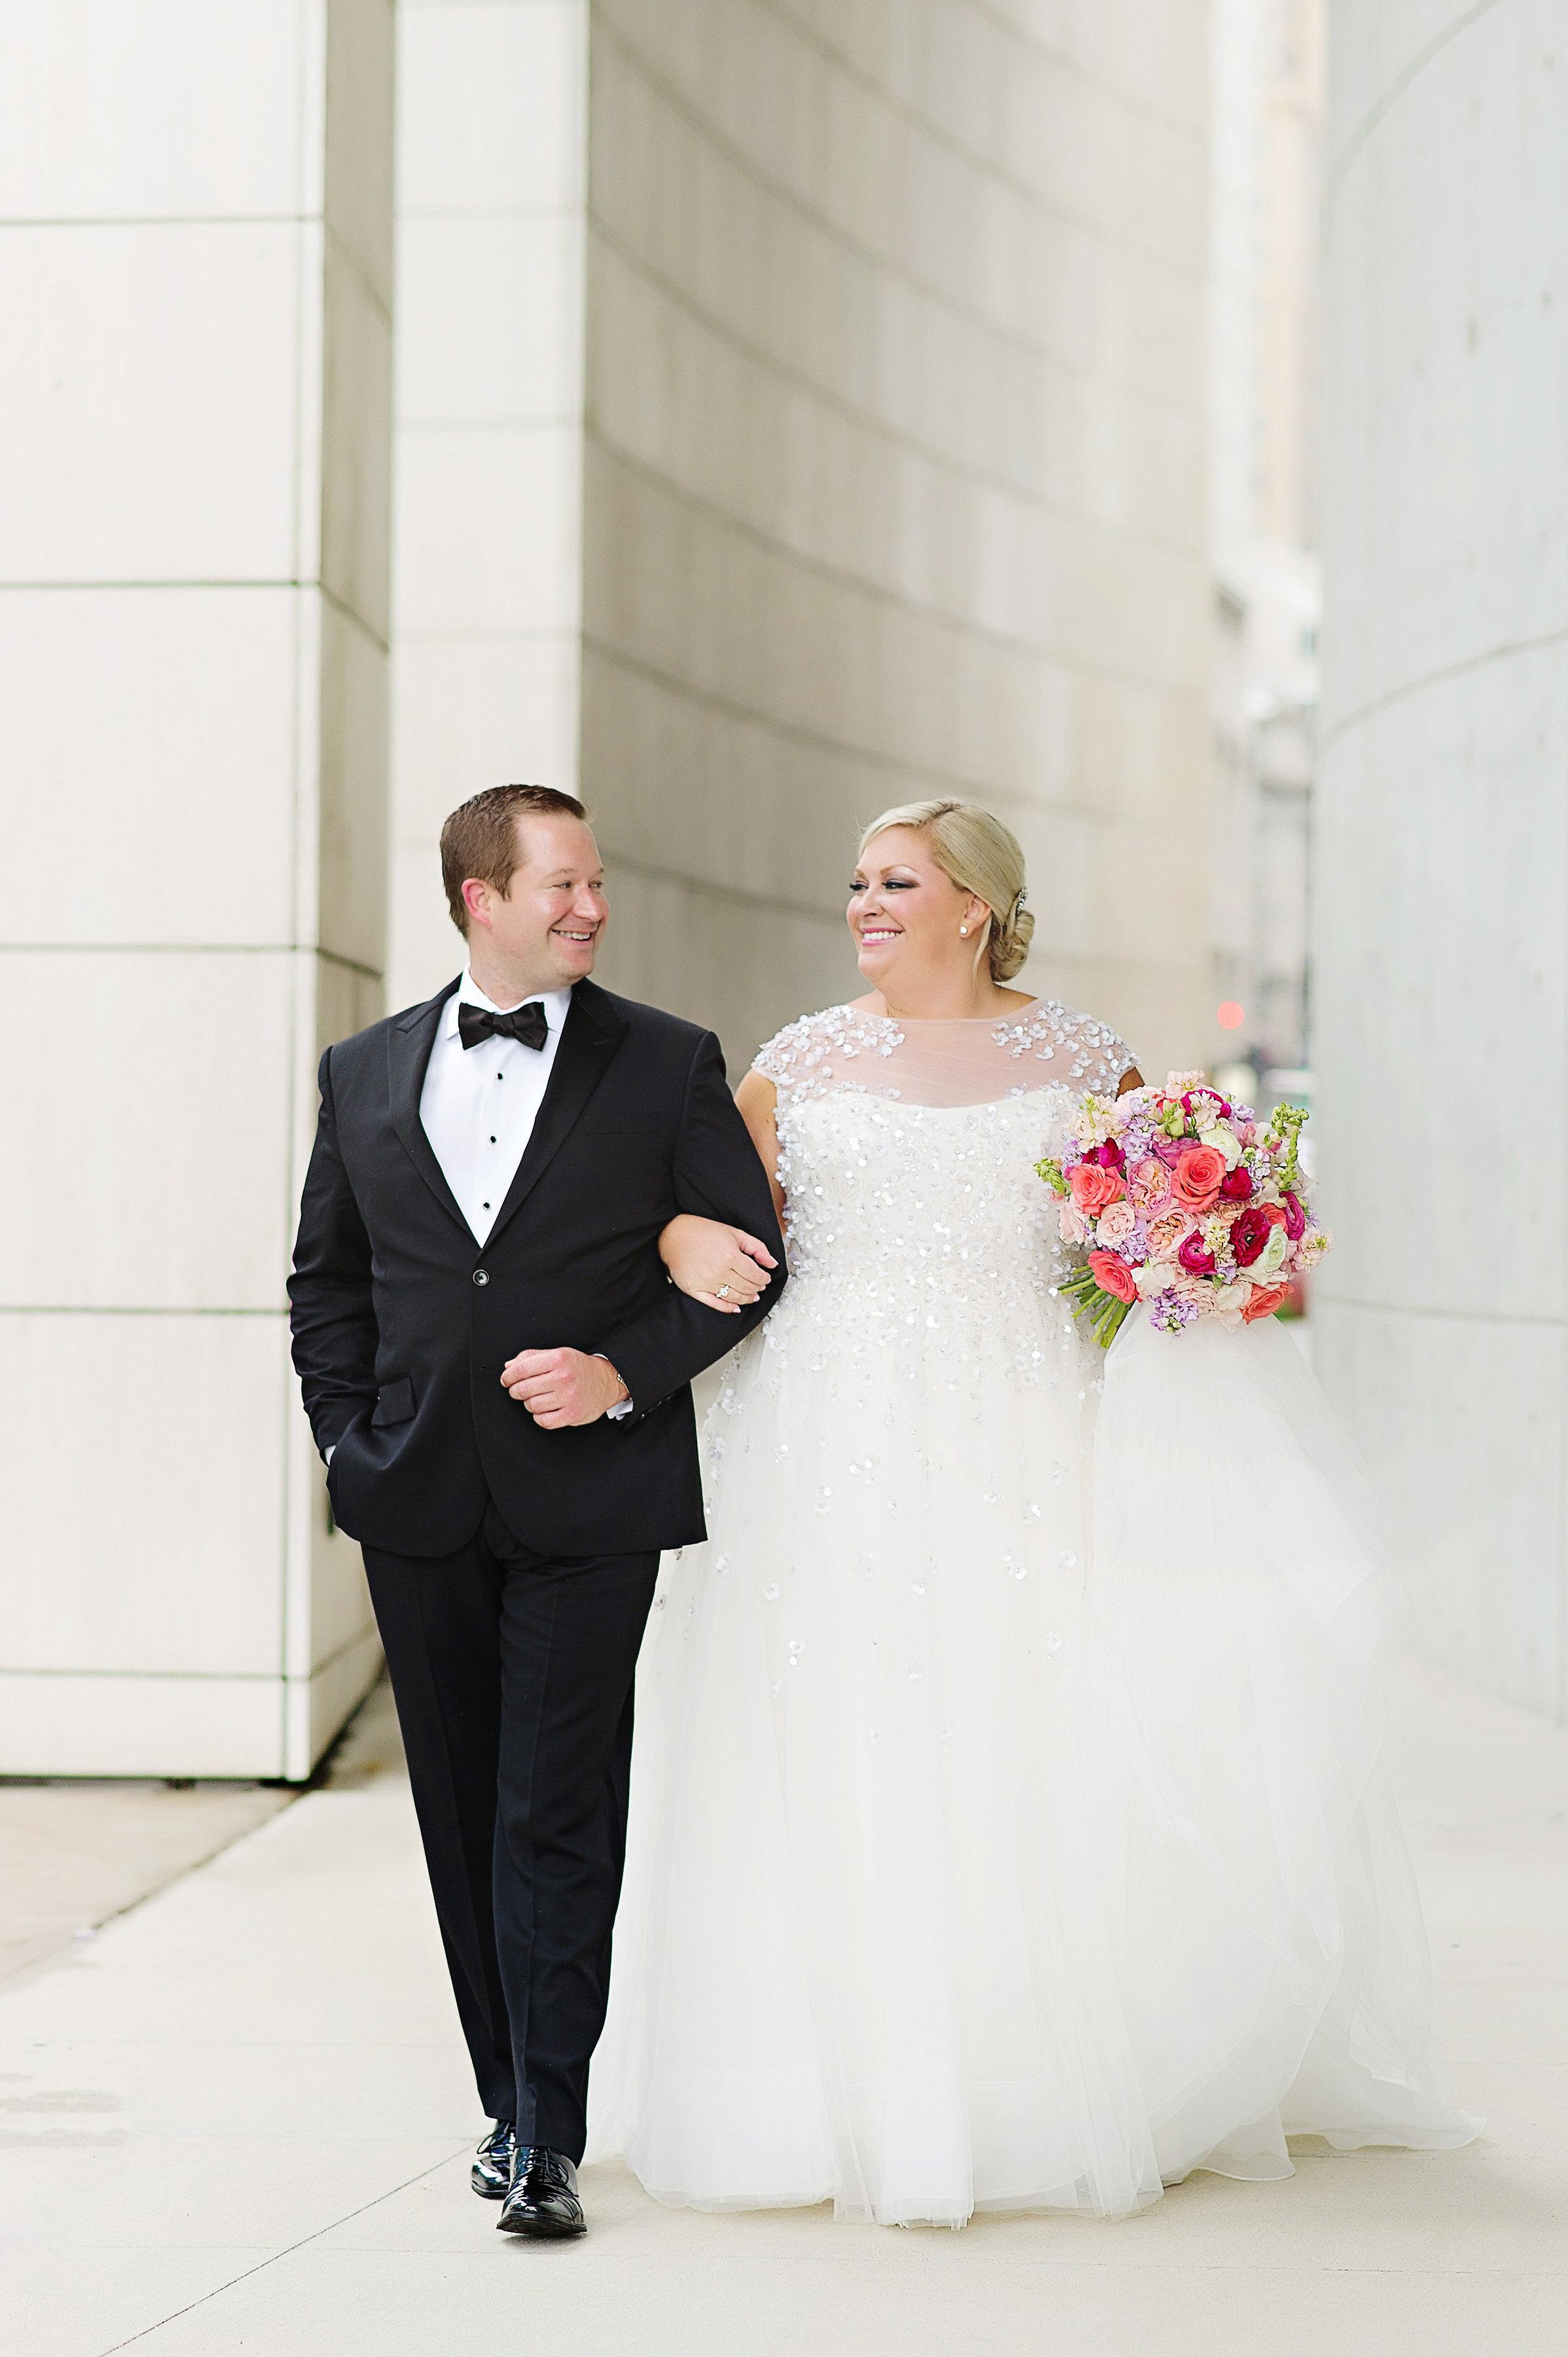 Whitney & David - Kortnee Kate Photography